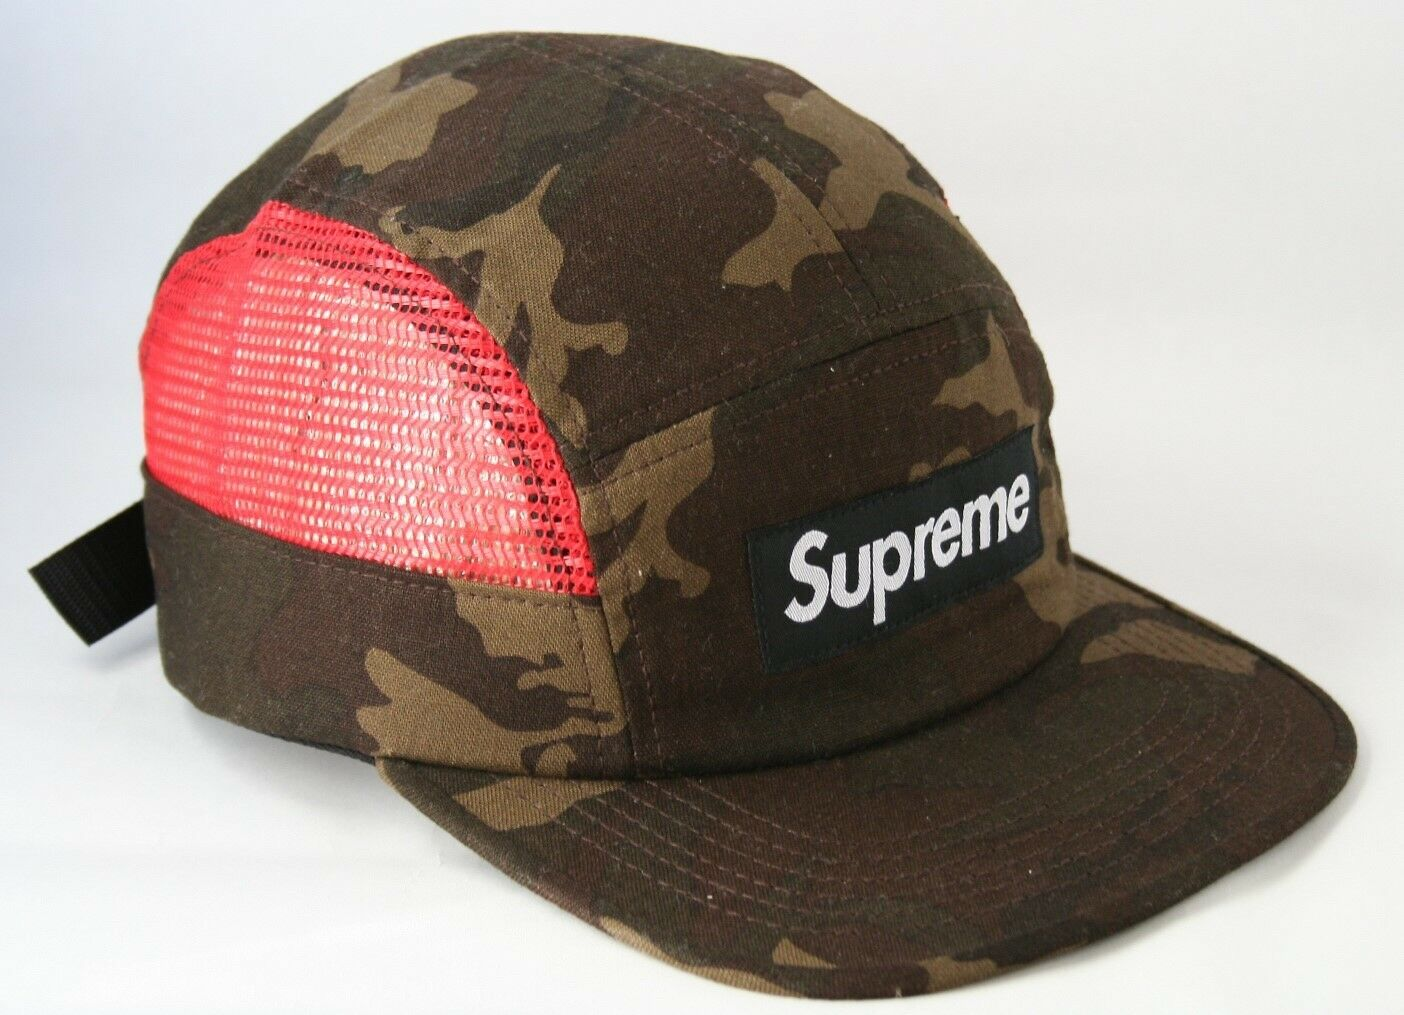 Sombrero de malla lateral lateral Supreme Camo S / S 2013 Camp Cap 5 Panel Hat Deadstock